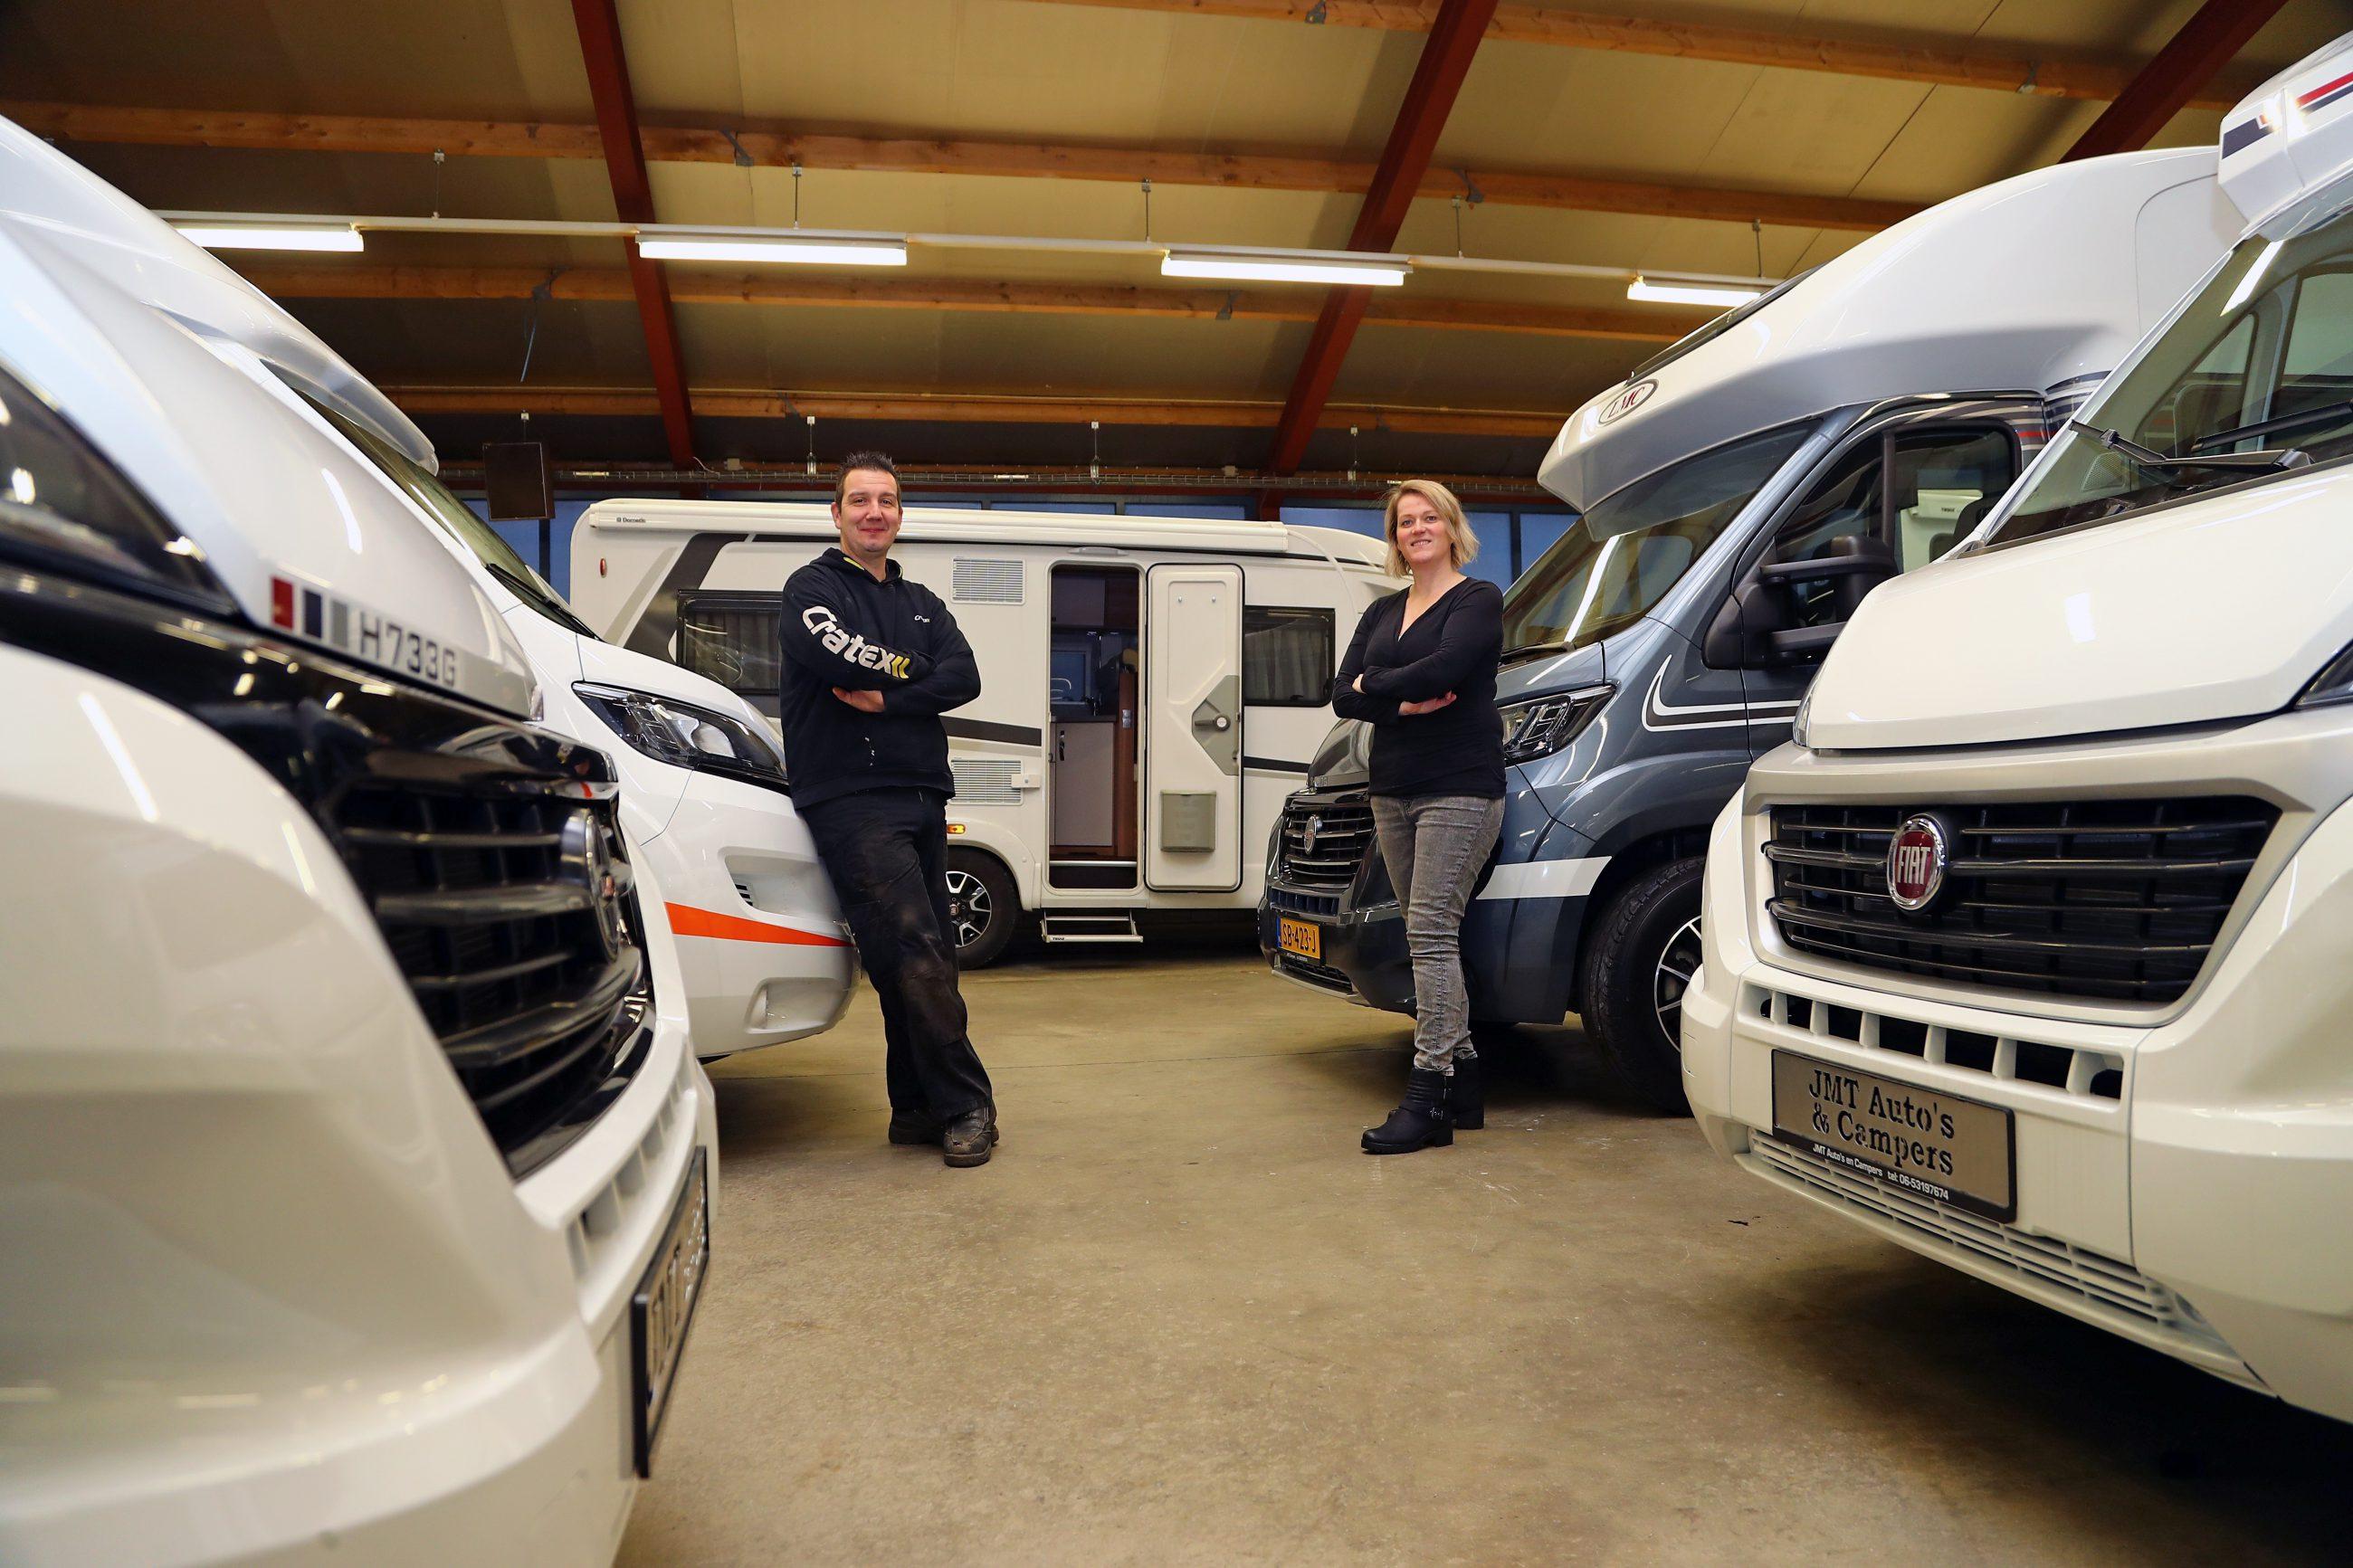 JMT Auto's & Campers is verhuisd: Voortaan beginnen je vakantiekriebels in Wijchen!